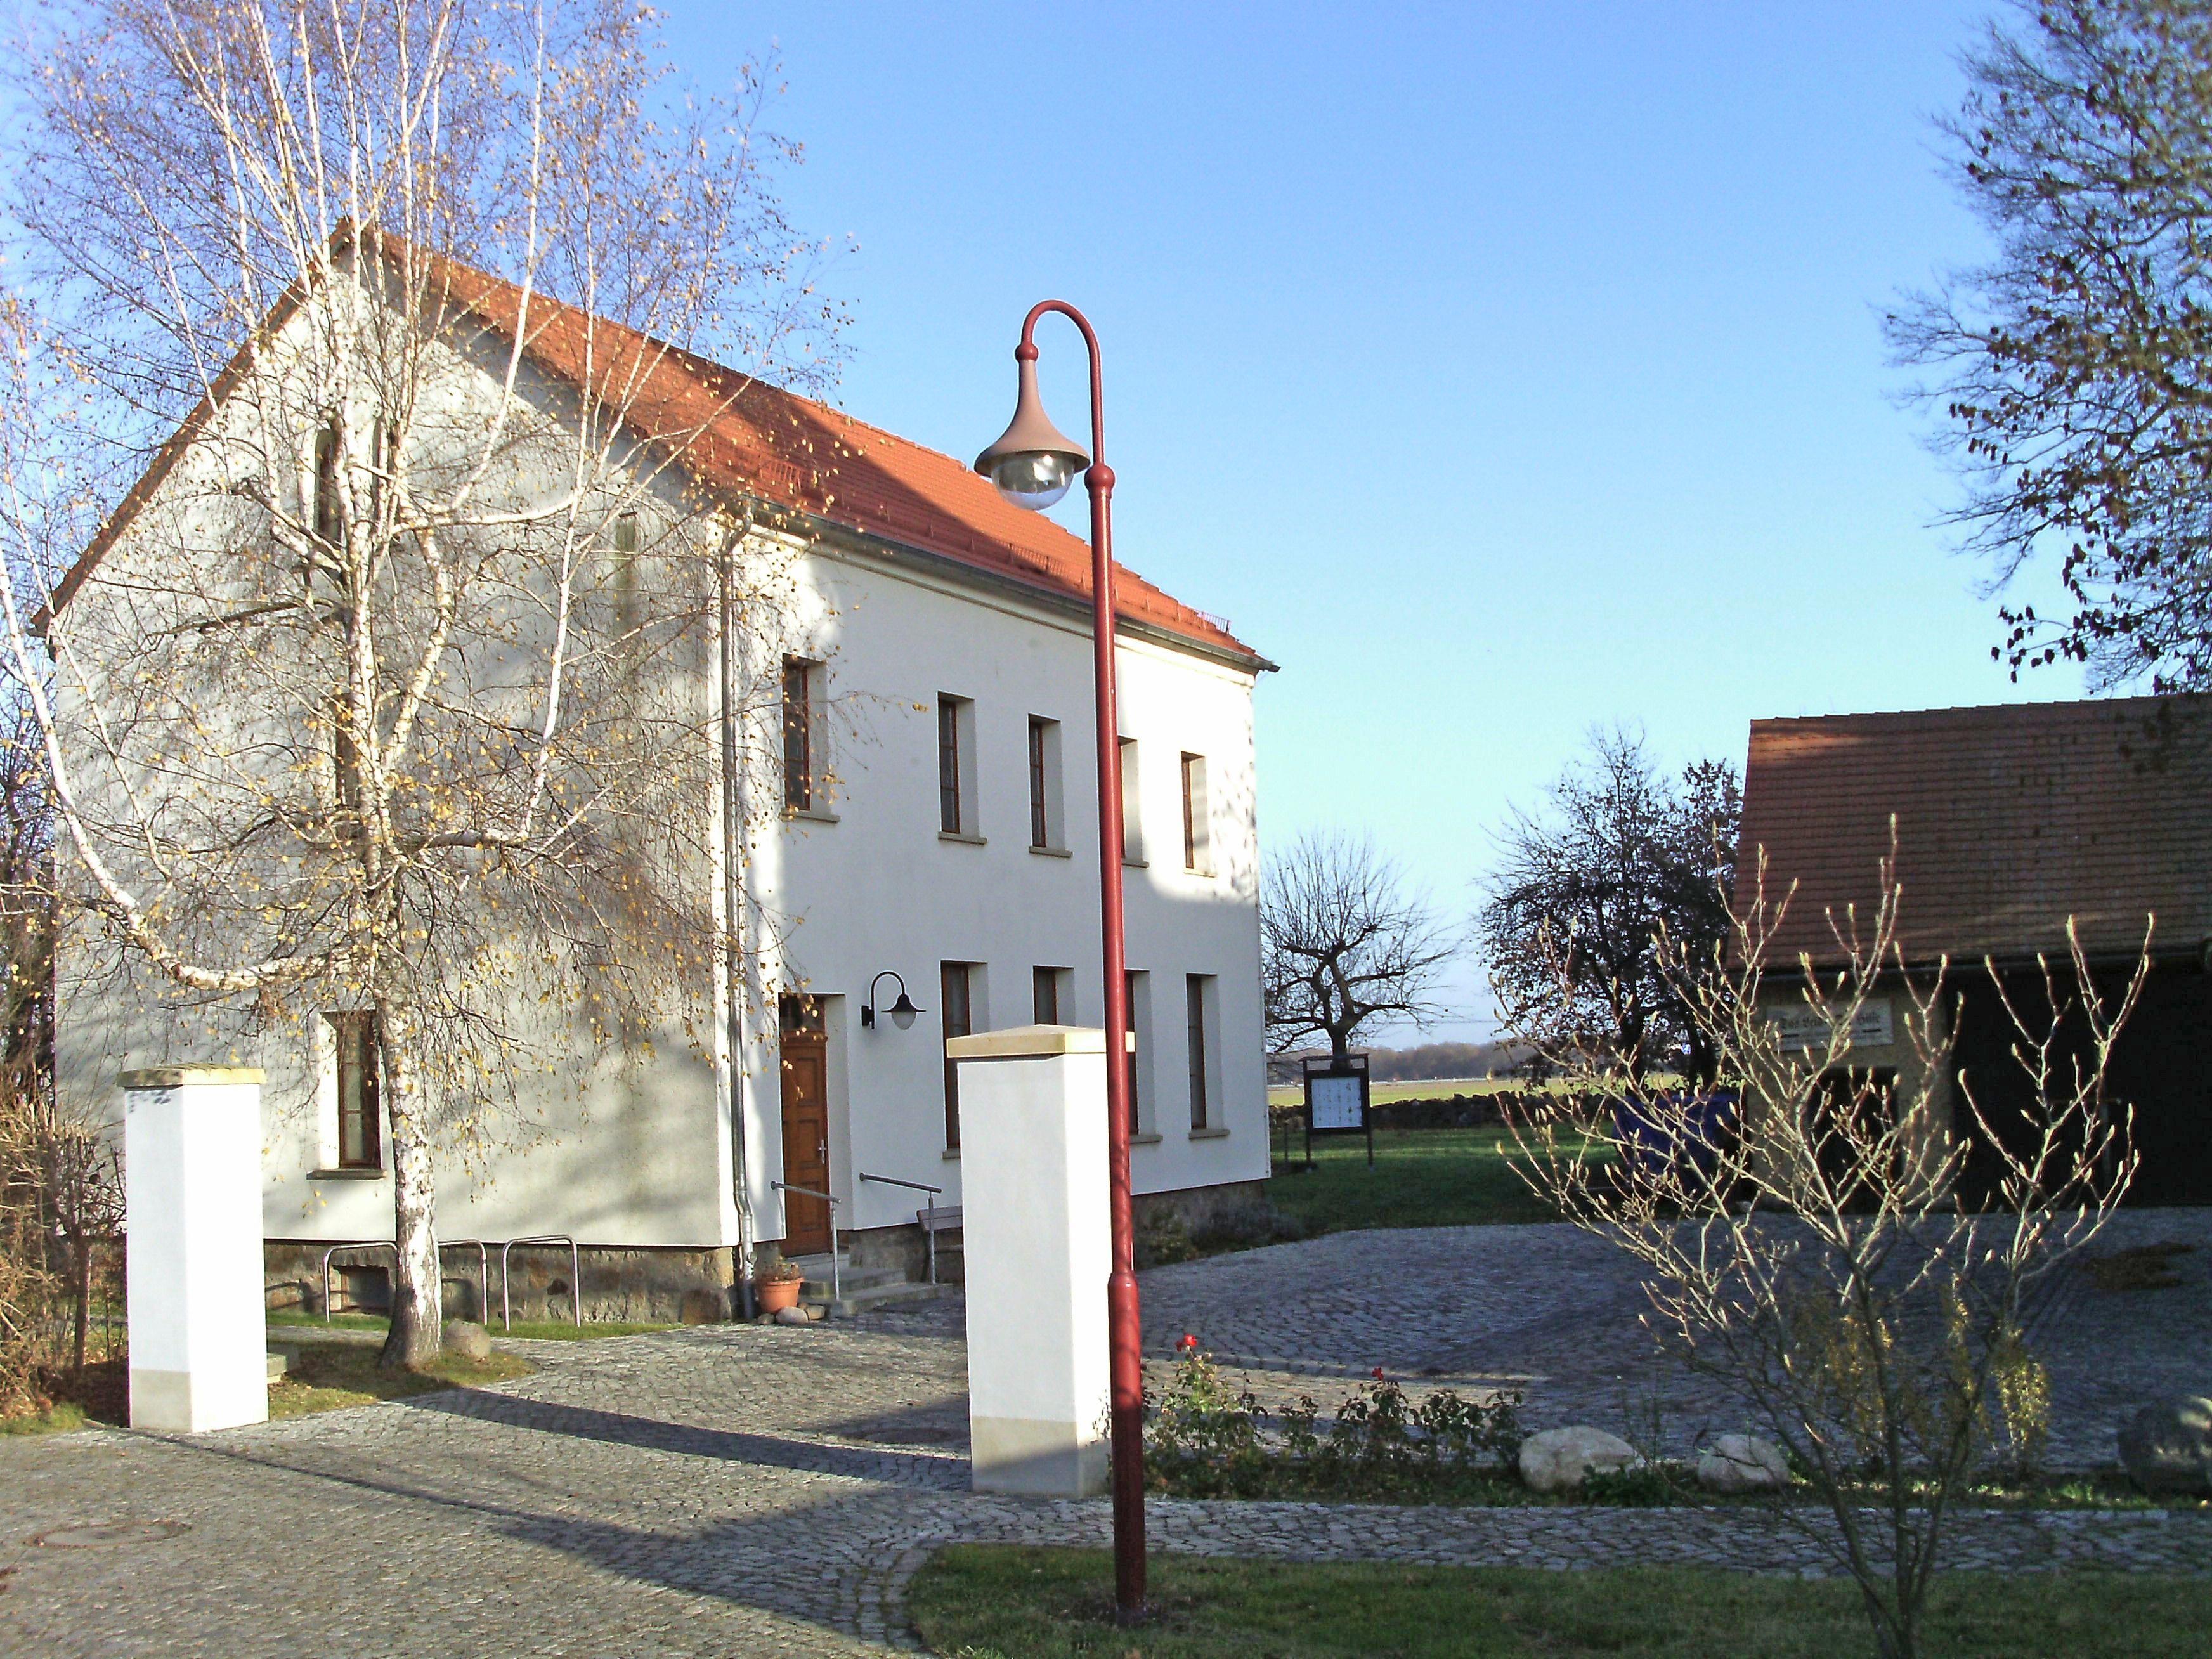 Bild von Großpösna: Ehem. Dorfschule von Seifershain, heute Sanitäts- und Lazarettmuseum